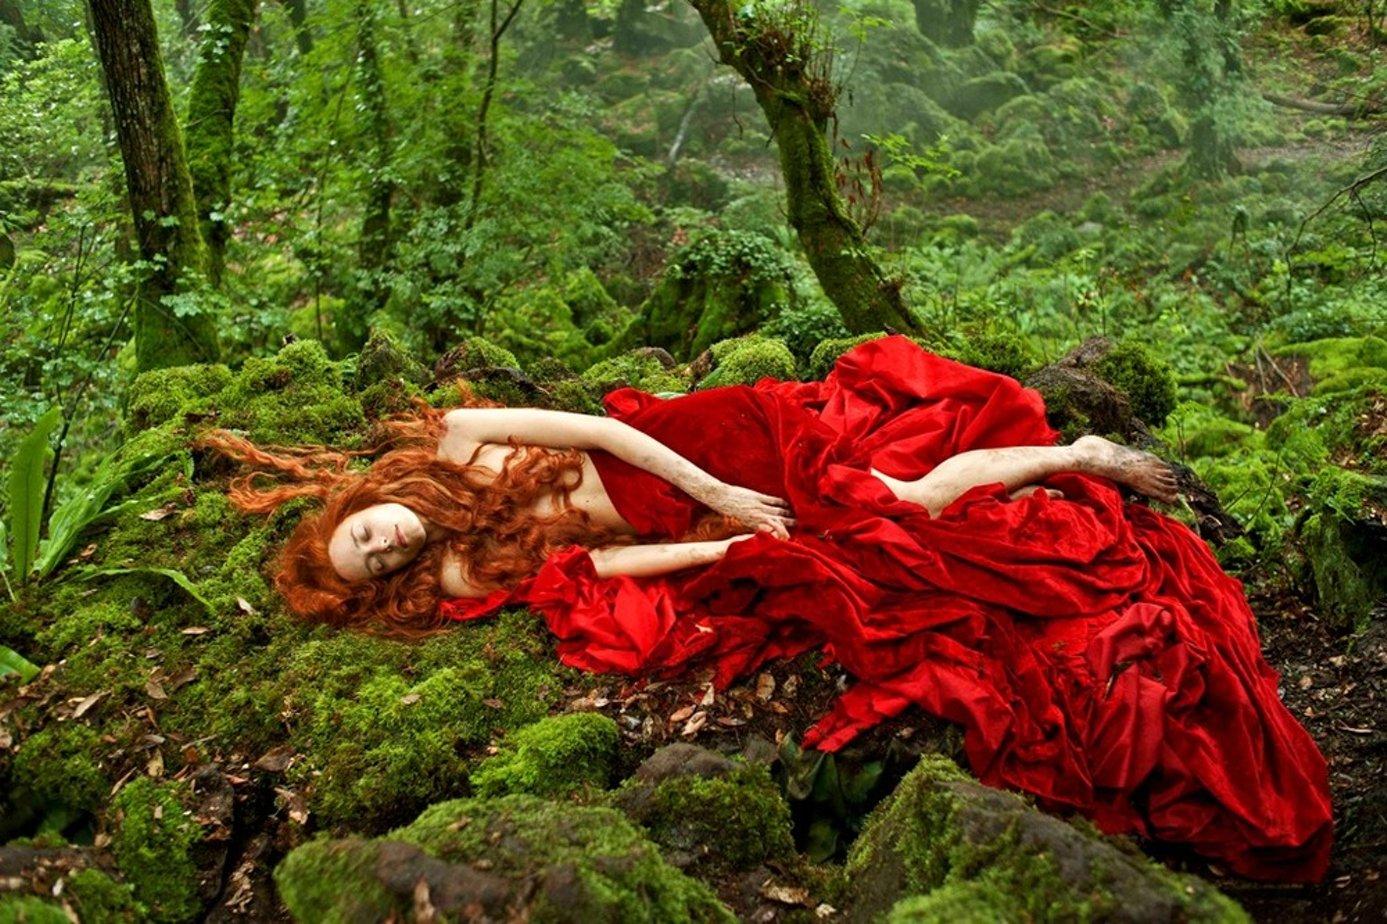 Интерпретация фильма спящая красавица с рыжей девушкой в гл ролях, порно секс лежа